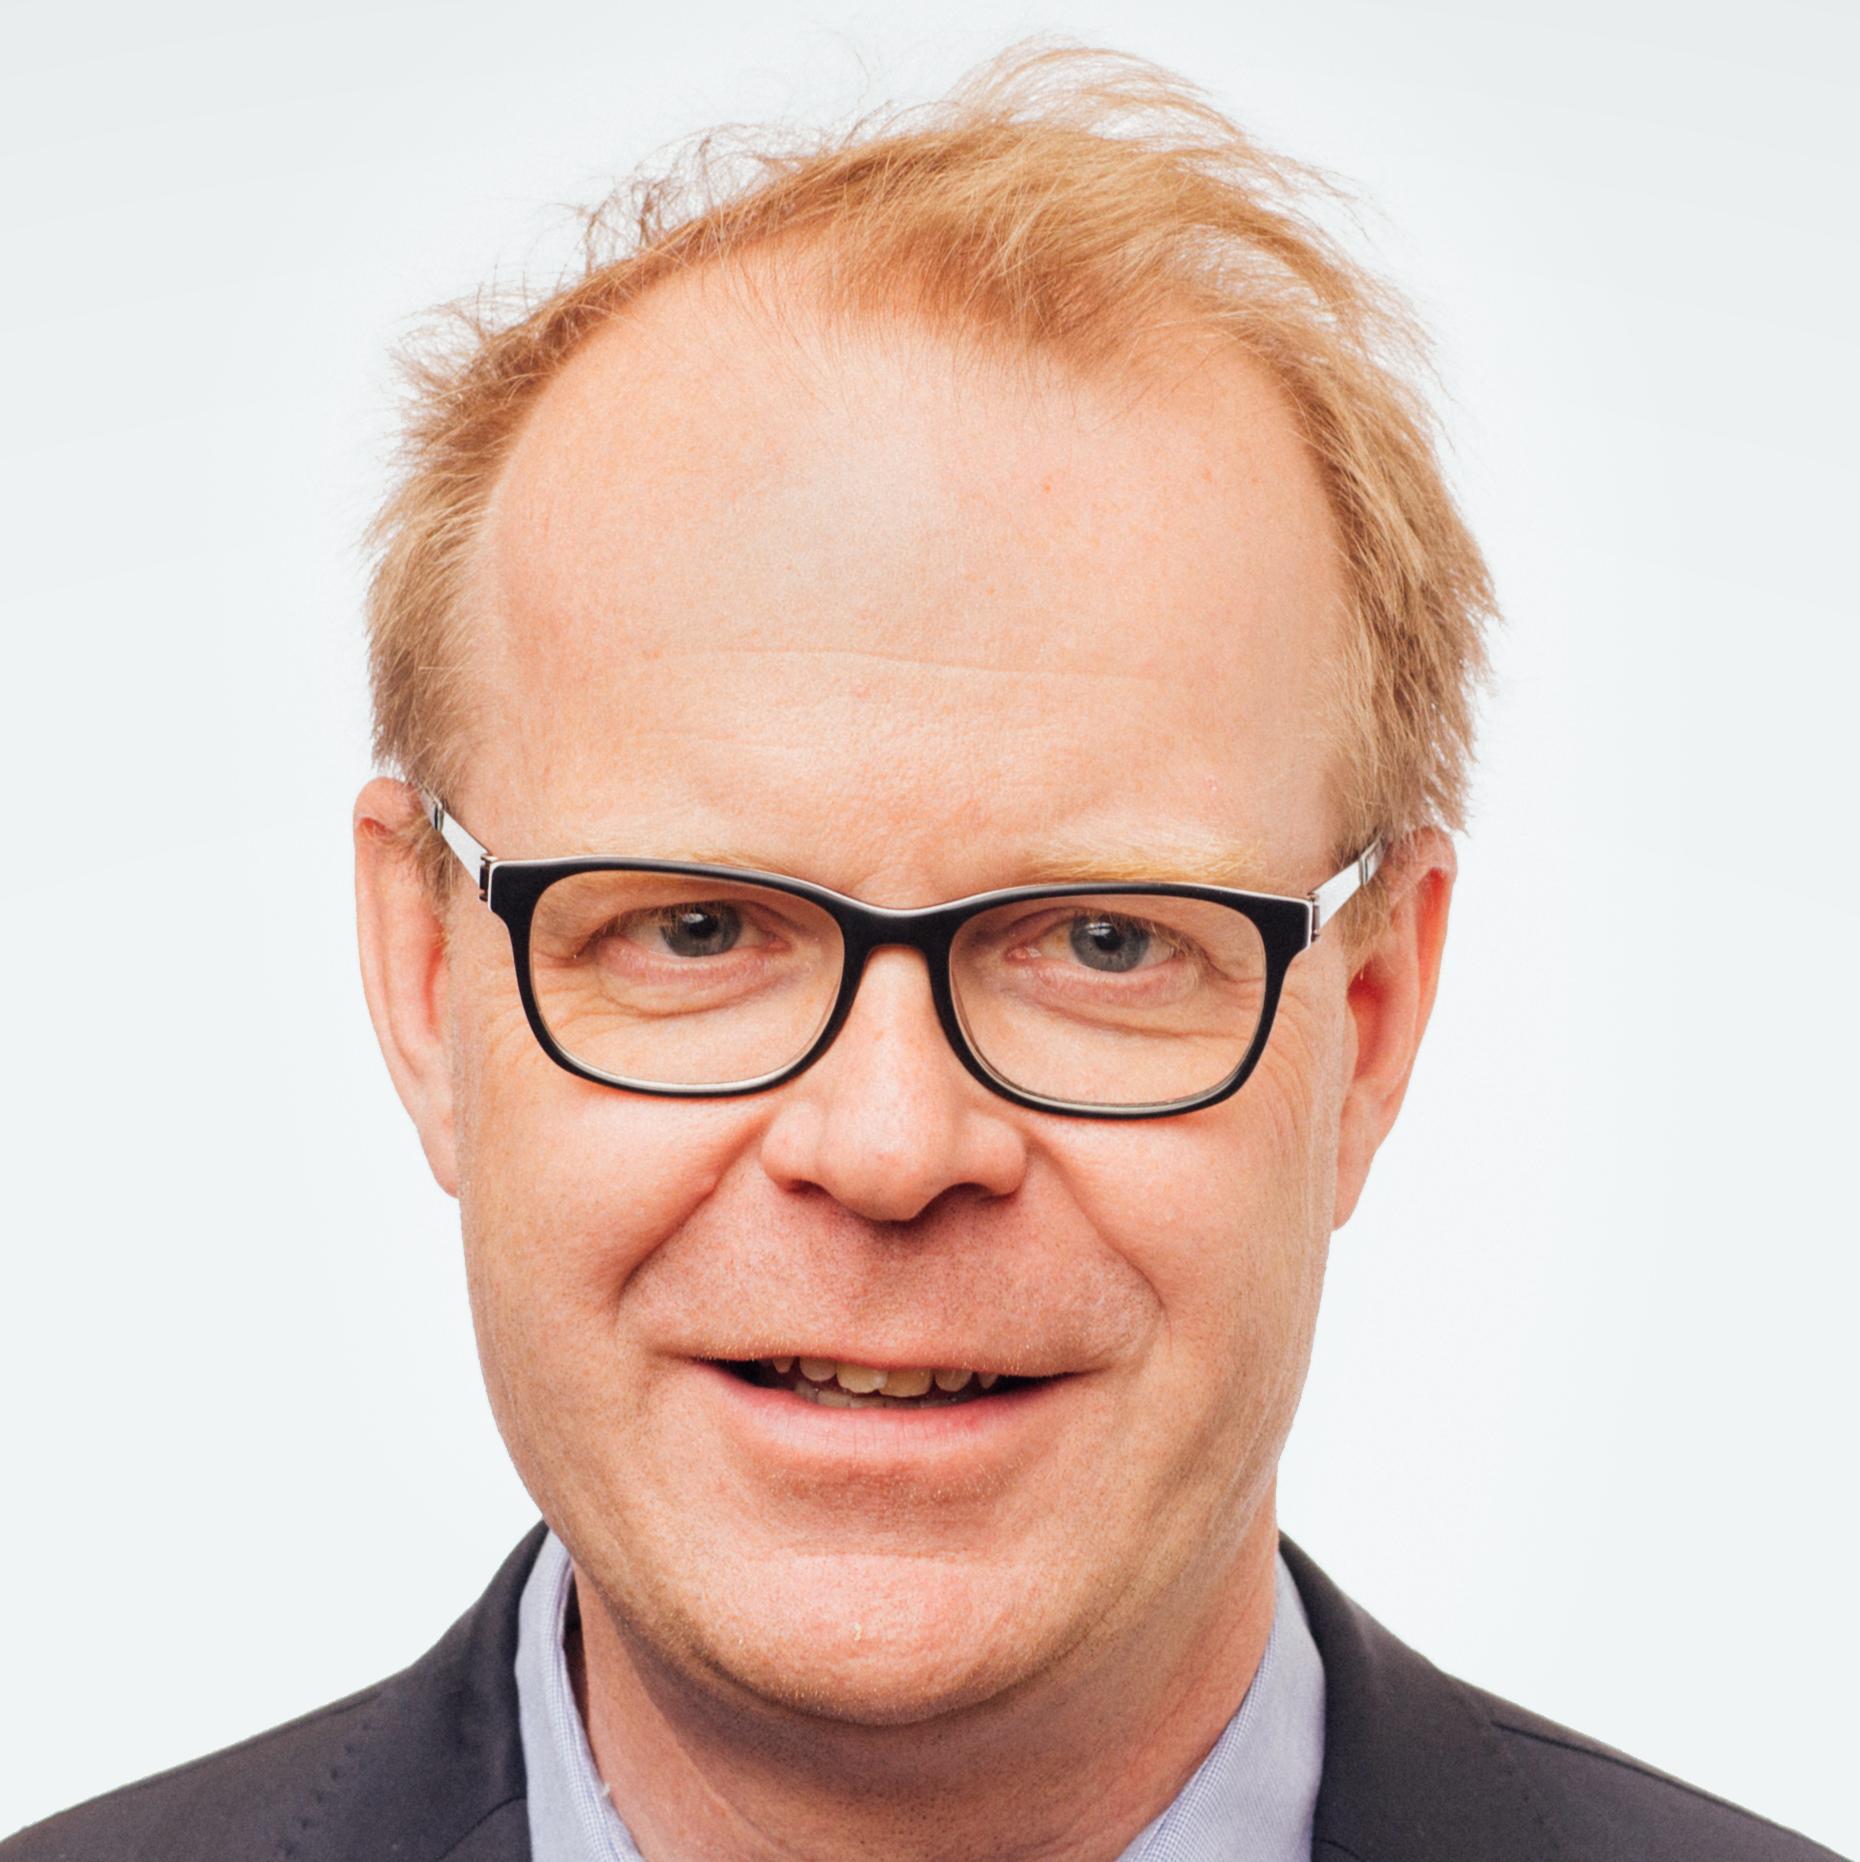 Gabriel Wirth